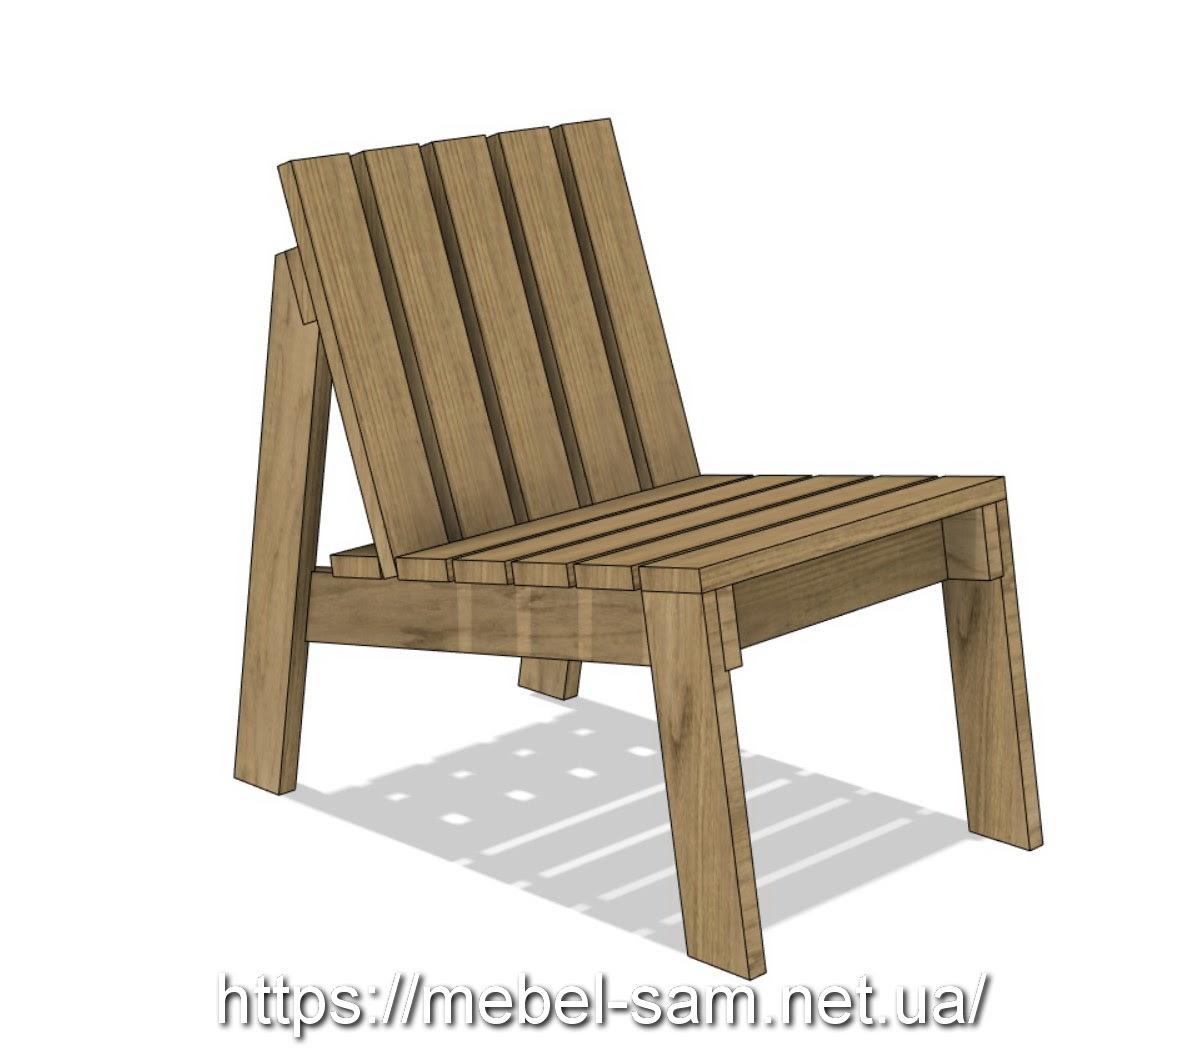 кресло из доски - общий вид спереди